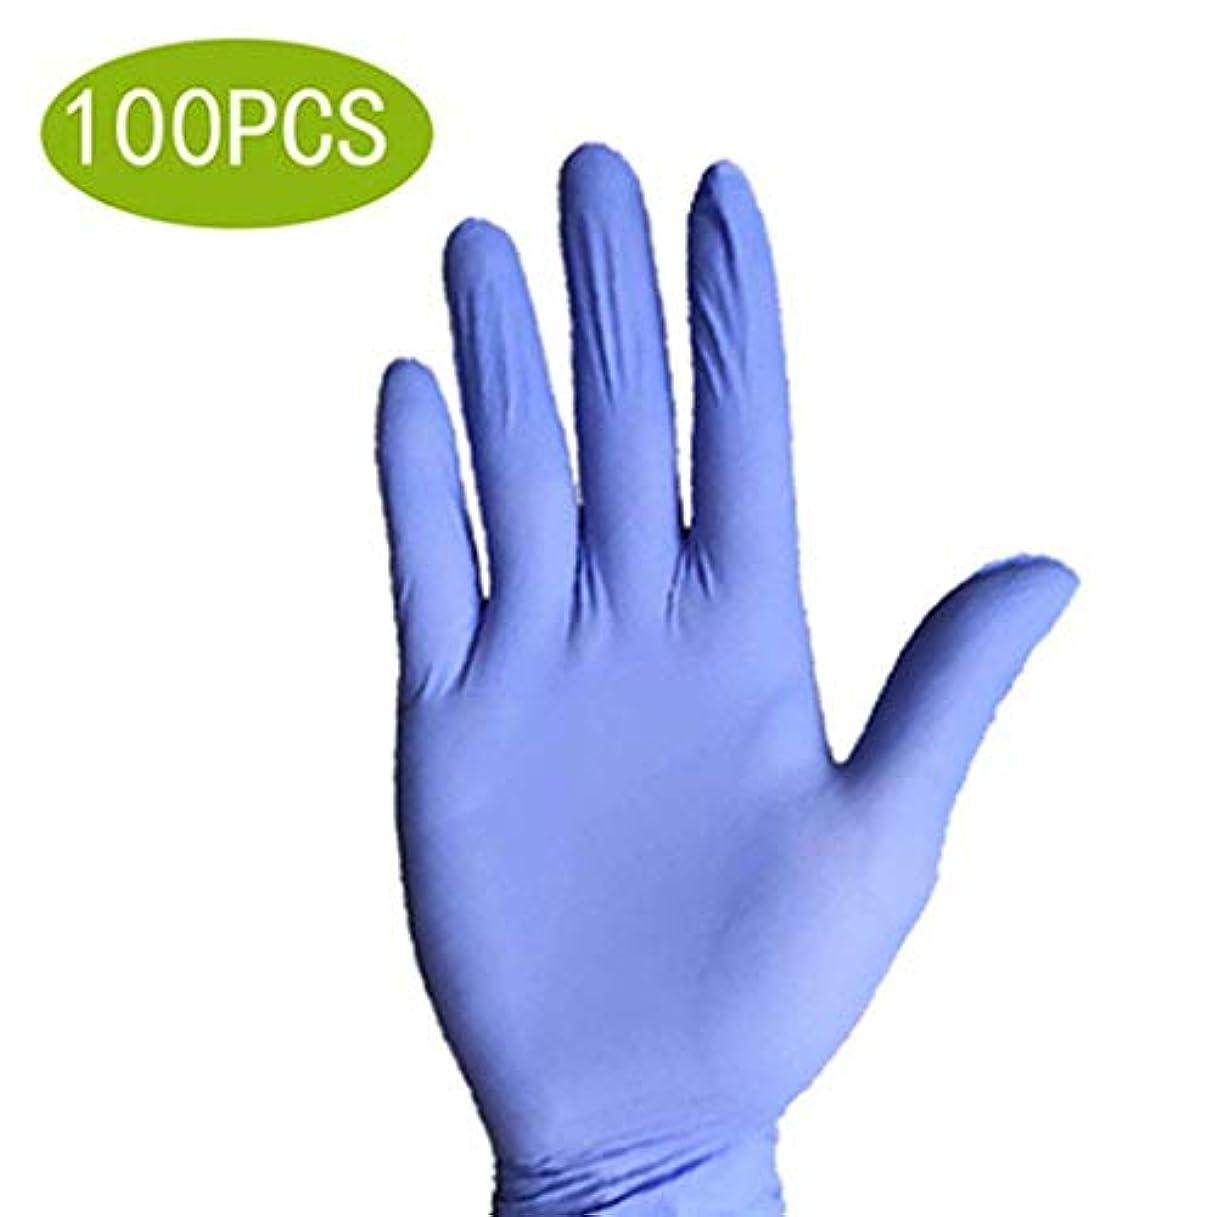 代わって乱闘ペイン保護用使い捨てニトリル医療用手袋、ラテックスフリー、試験グレードの手袋、テクスチャード加工、両性、非滅菌、100個入り (Size : M)